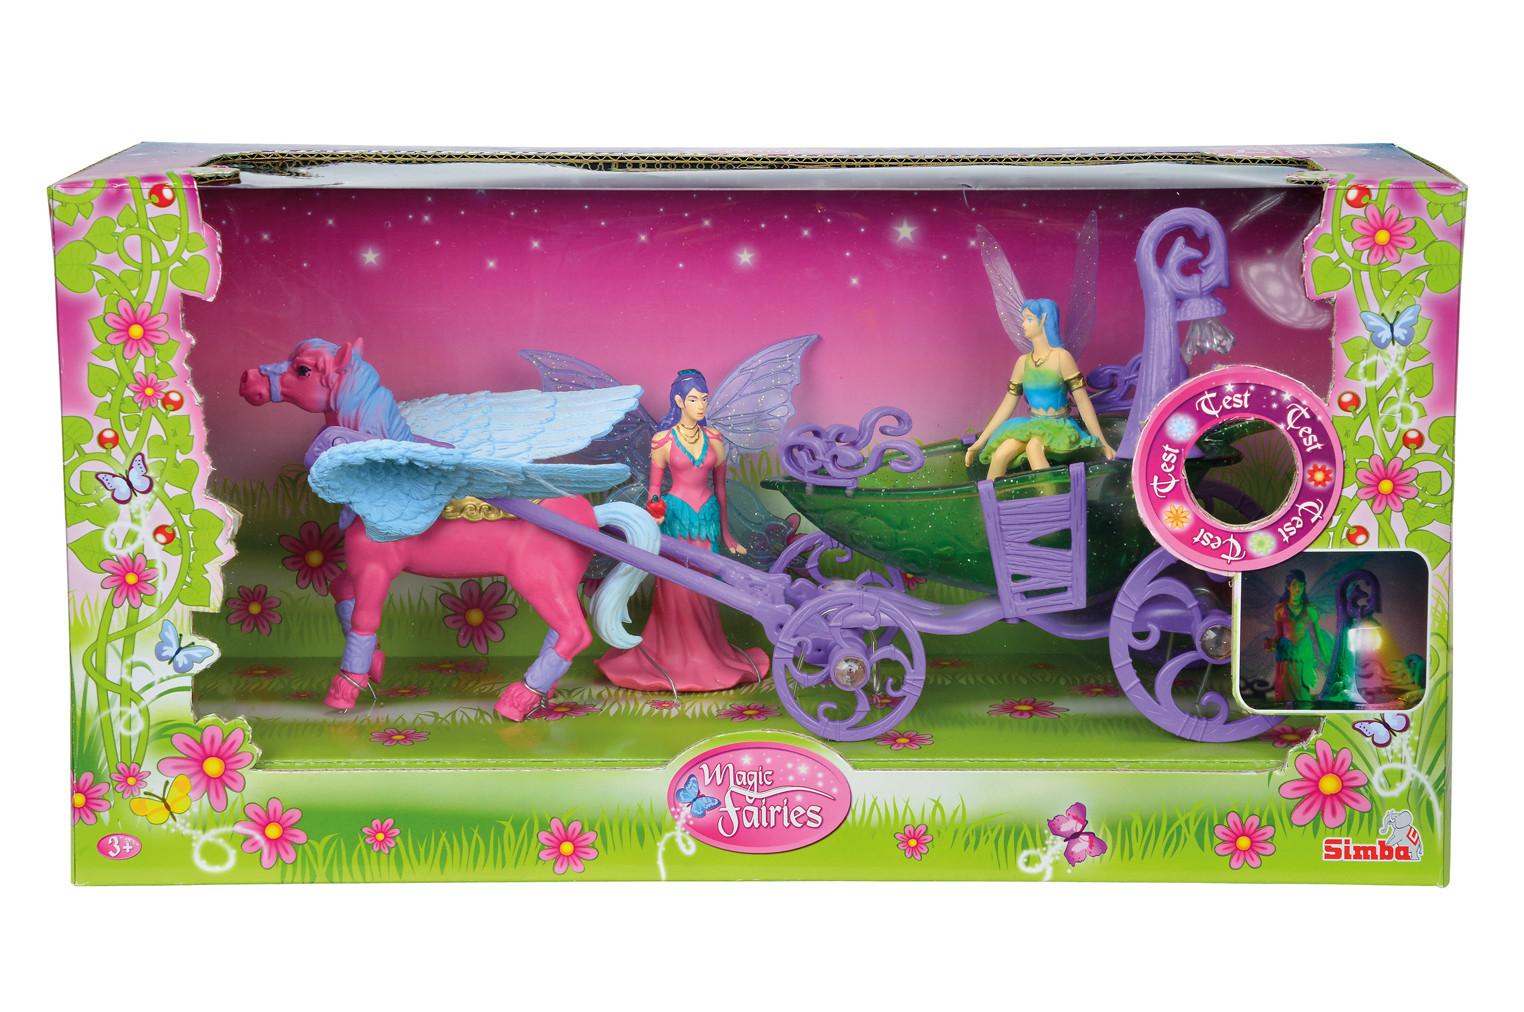 Лошадка с каретой и 2 феями, со световыми эффектамиФеи<br>Лошадка с каретой и 2 феями, со световыми эффектами<br>